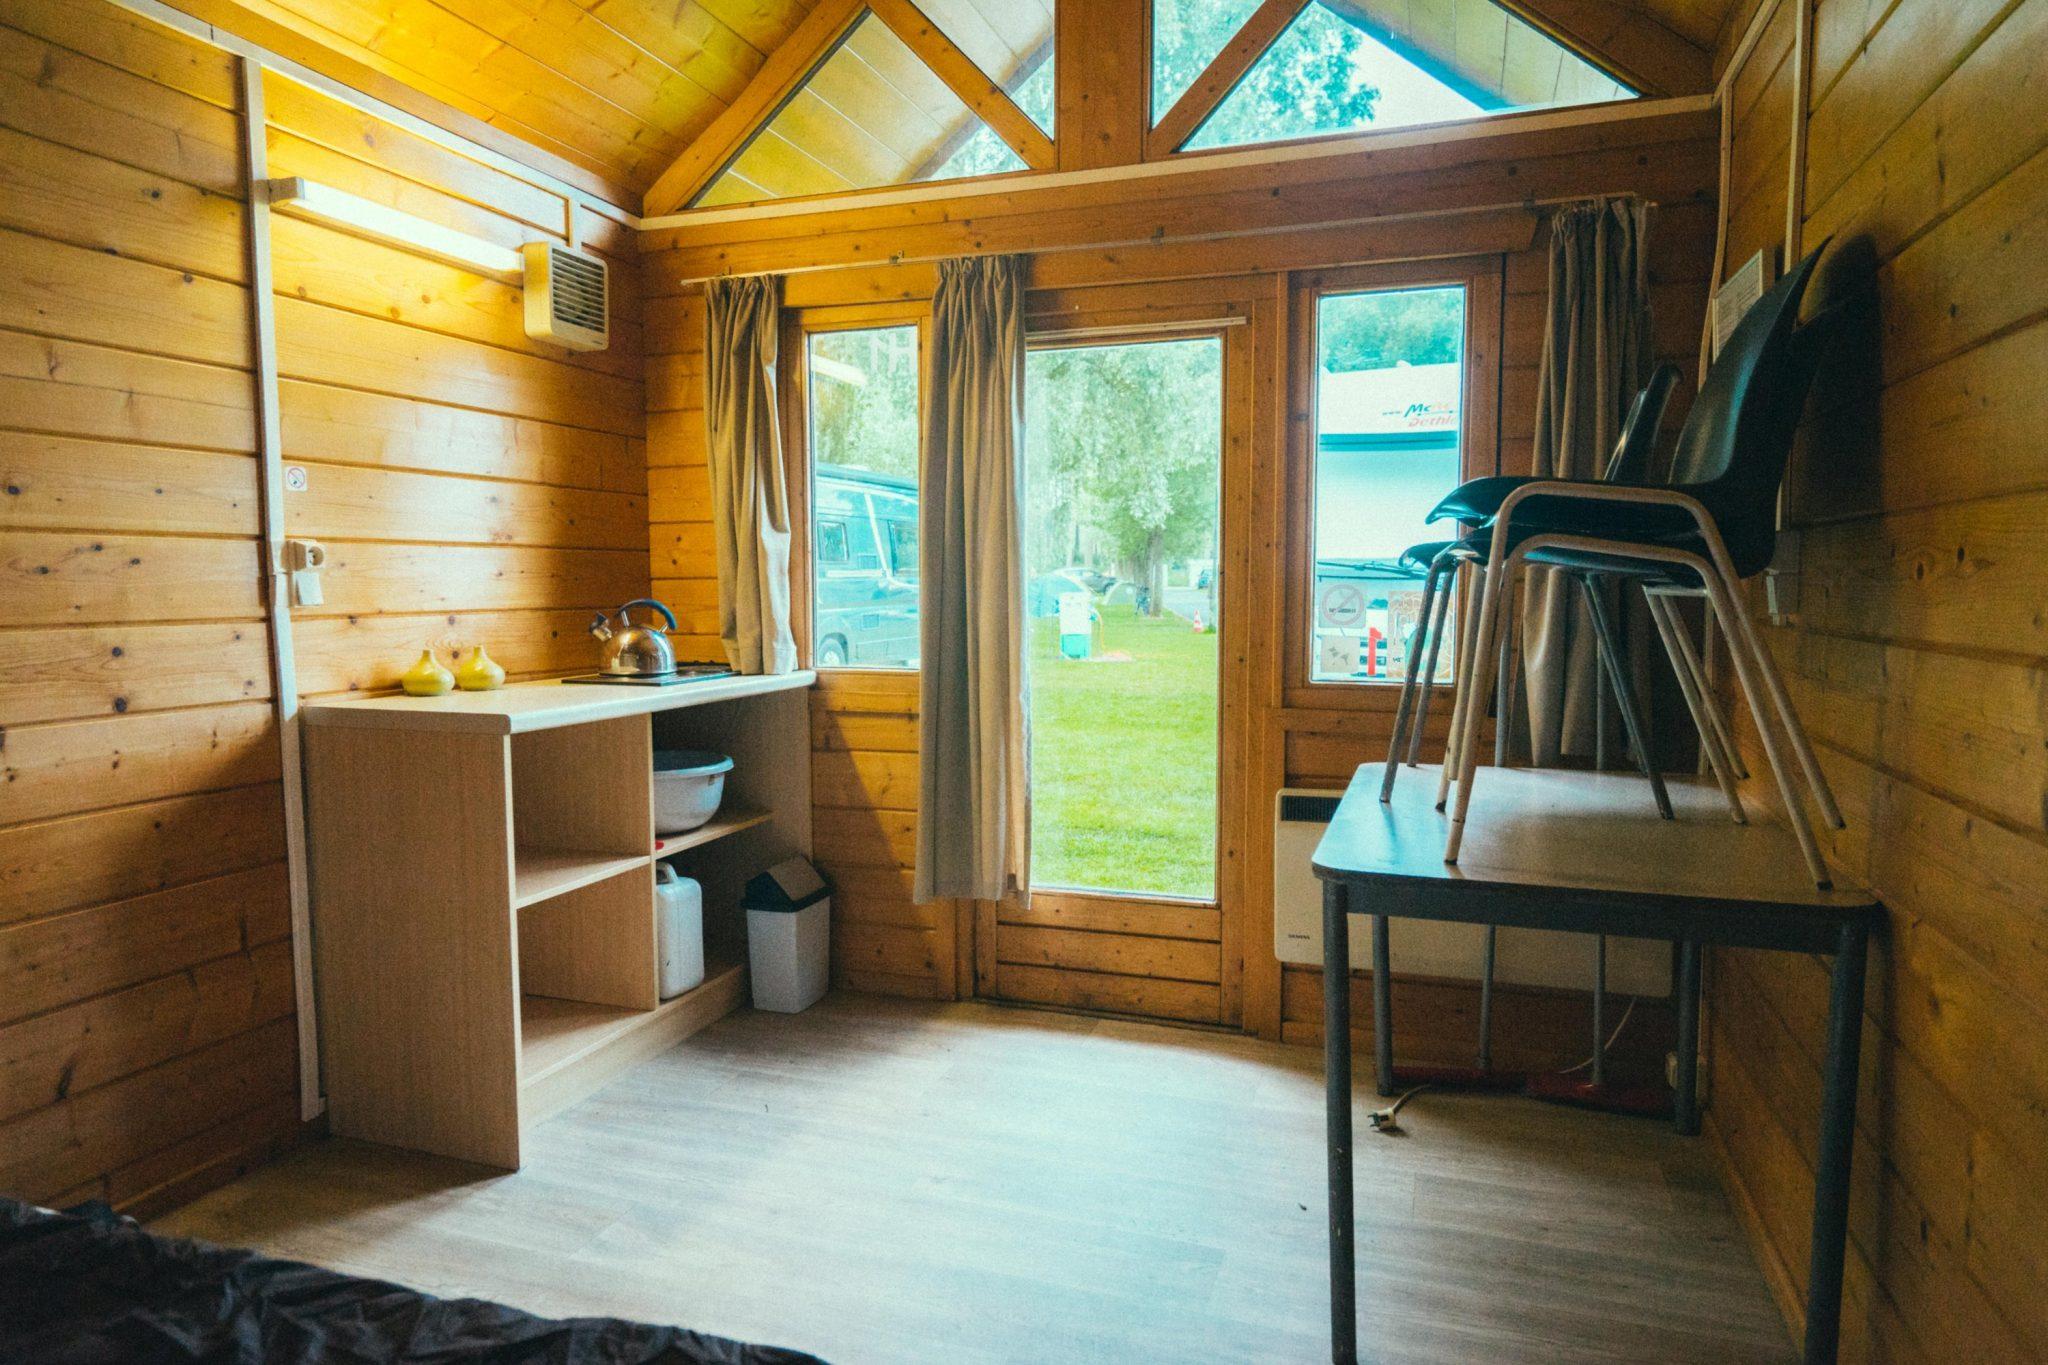 Camping Groeneveld - Verblijf in trekkershut, zicht binnen